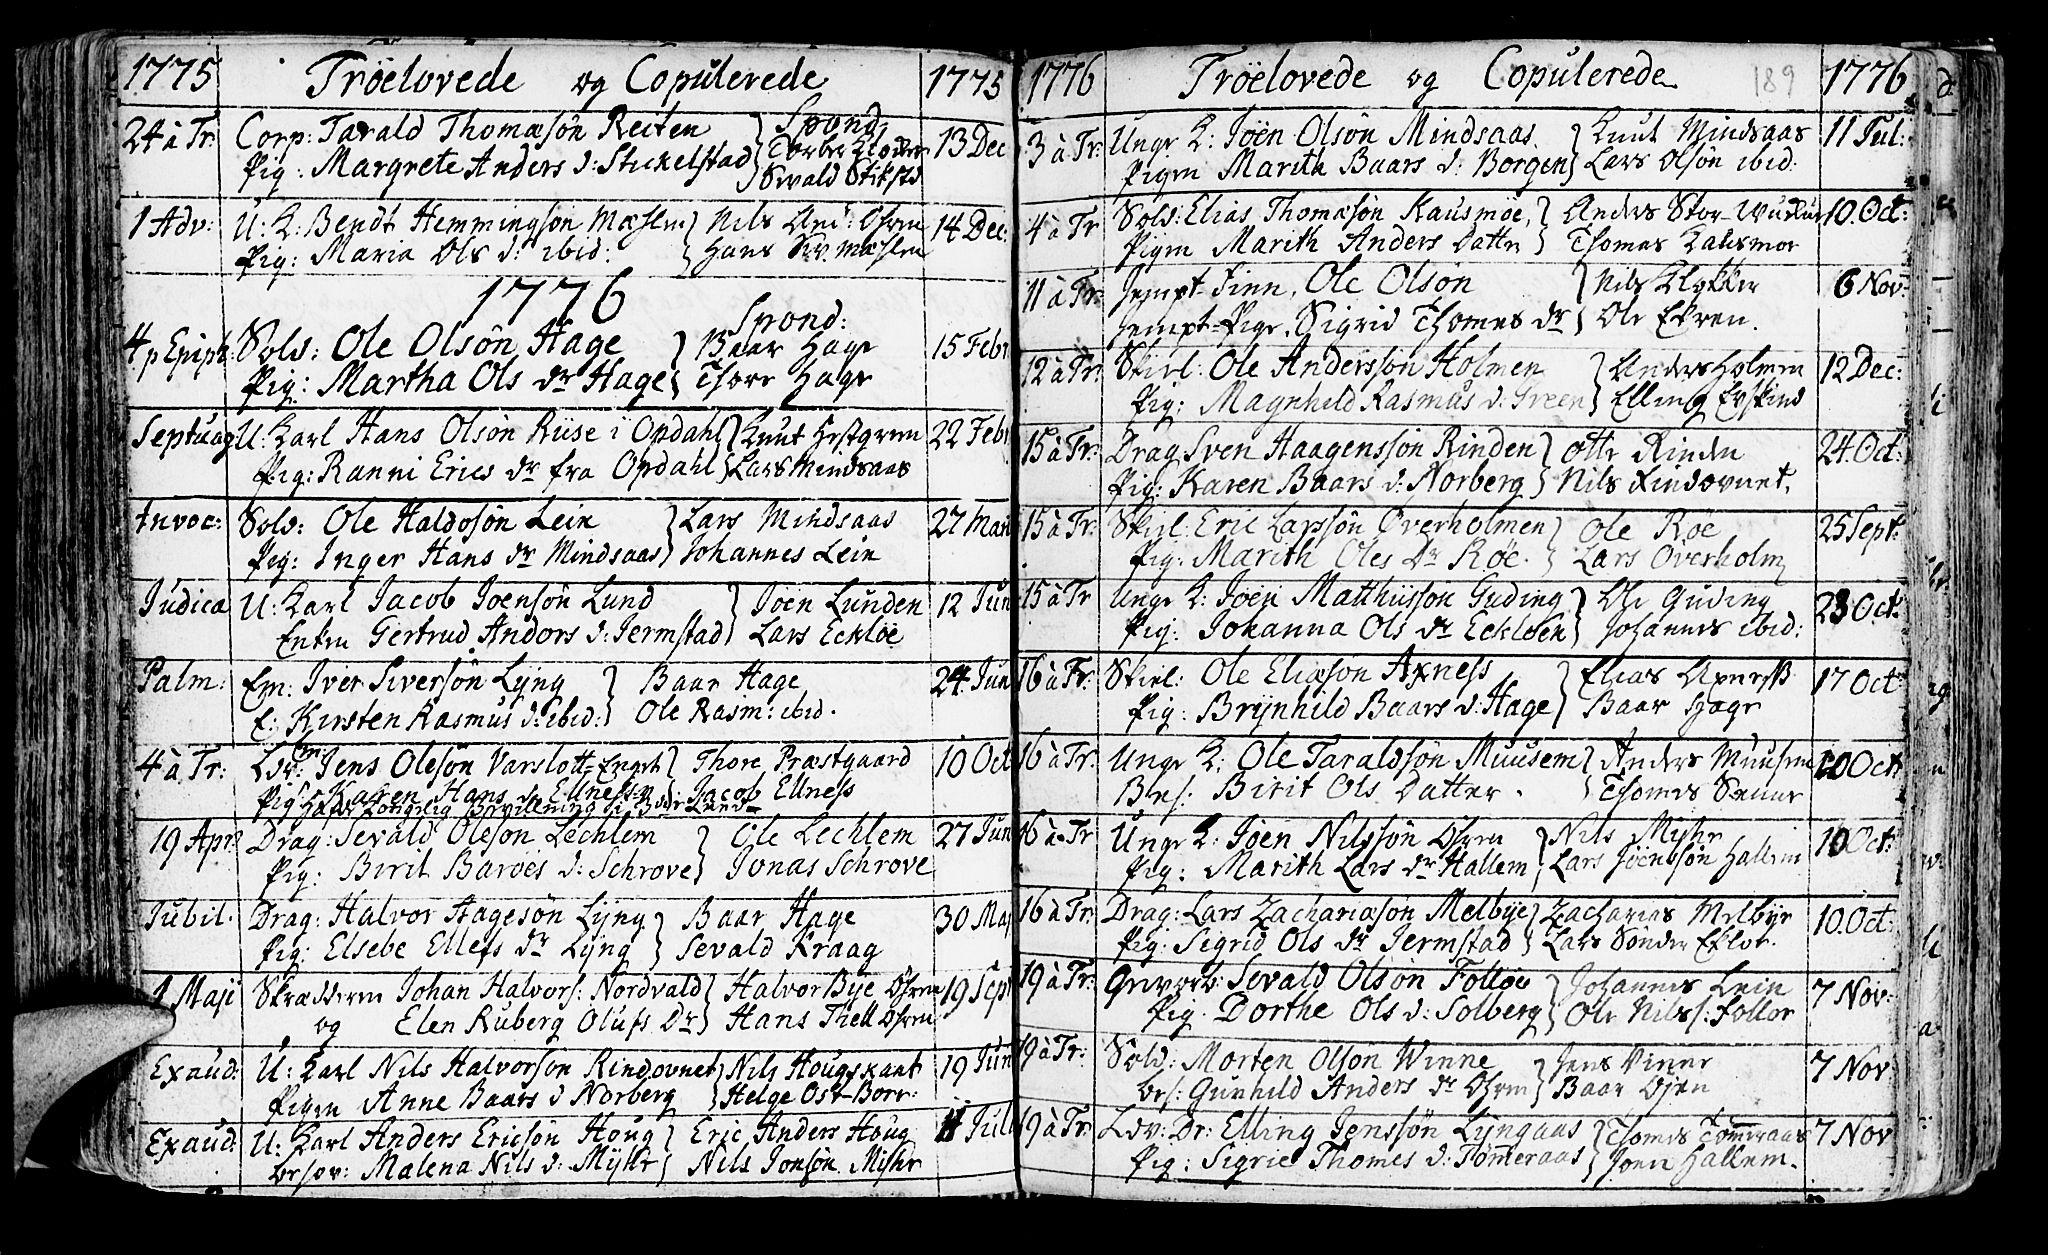 SAT, Ministerialprotokoller, klokkerbøker og fødselsregistre - Nord-Trøndelag, 723/L0231: Ministerialbok nr. 723A02, 1748-1780, s. 189